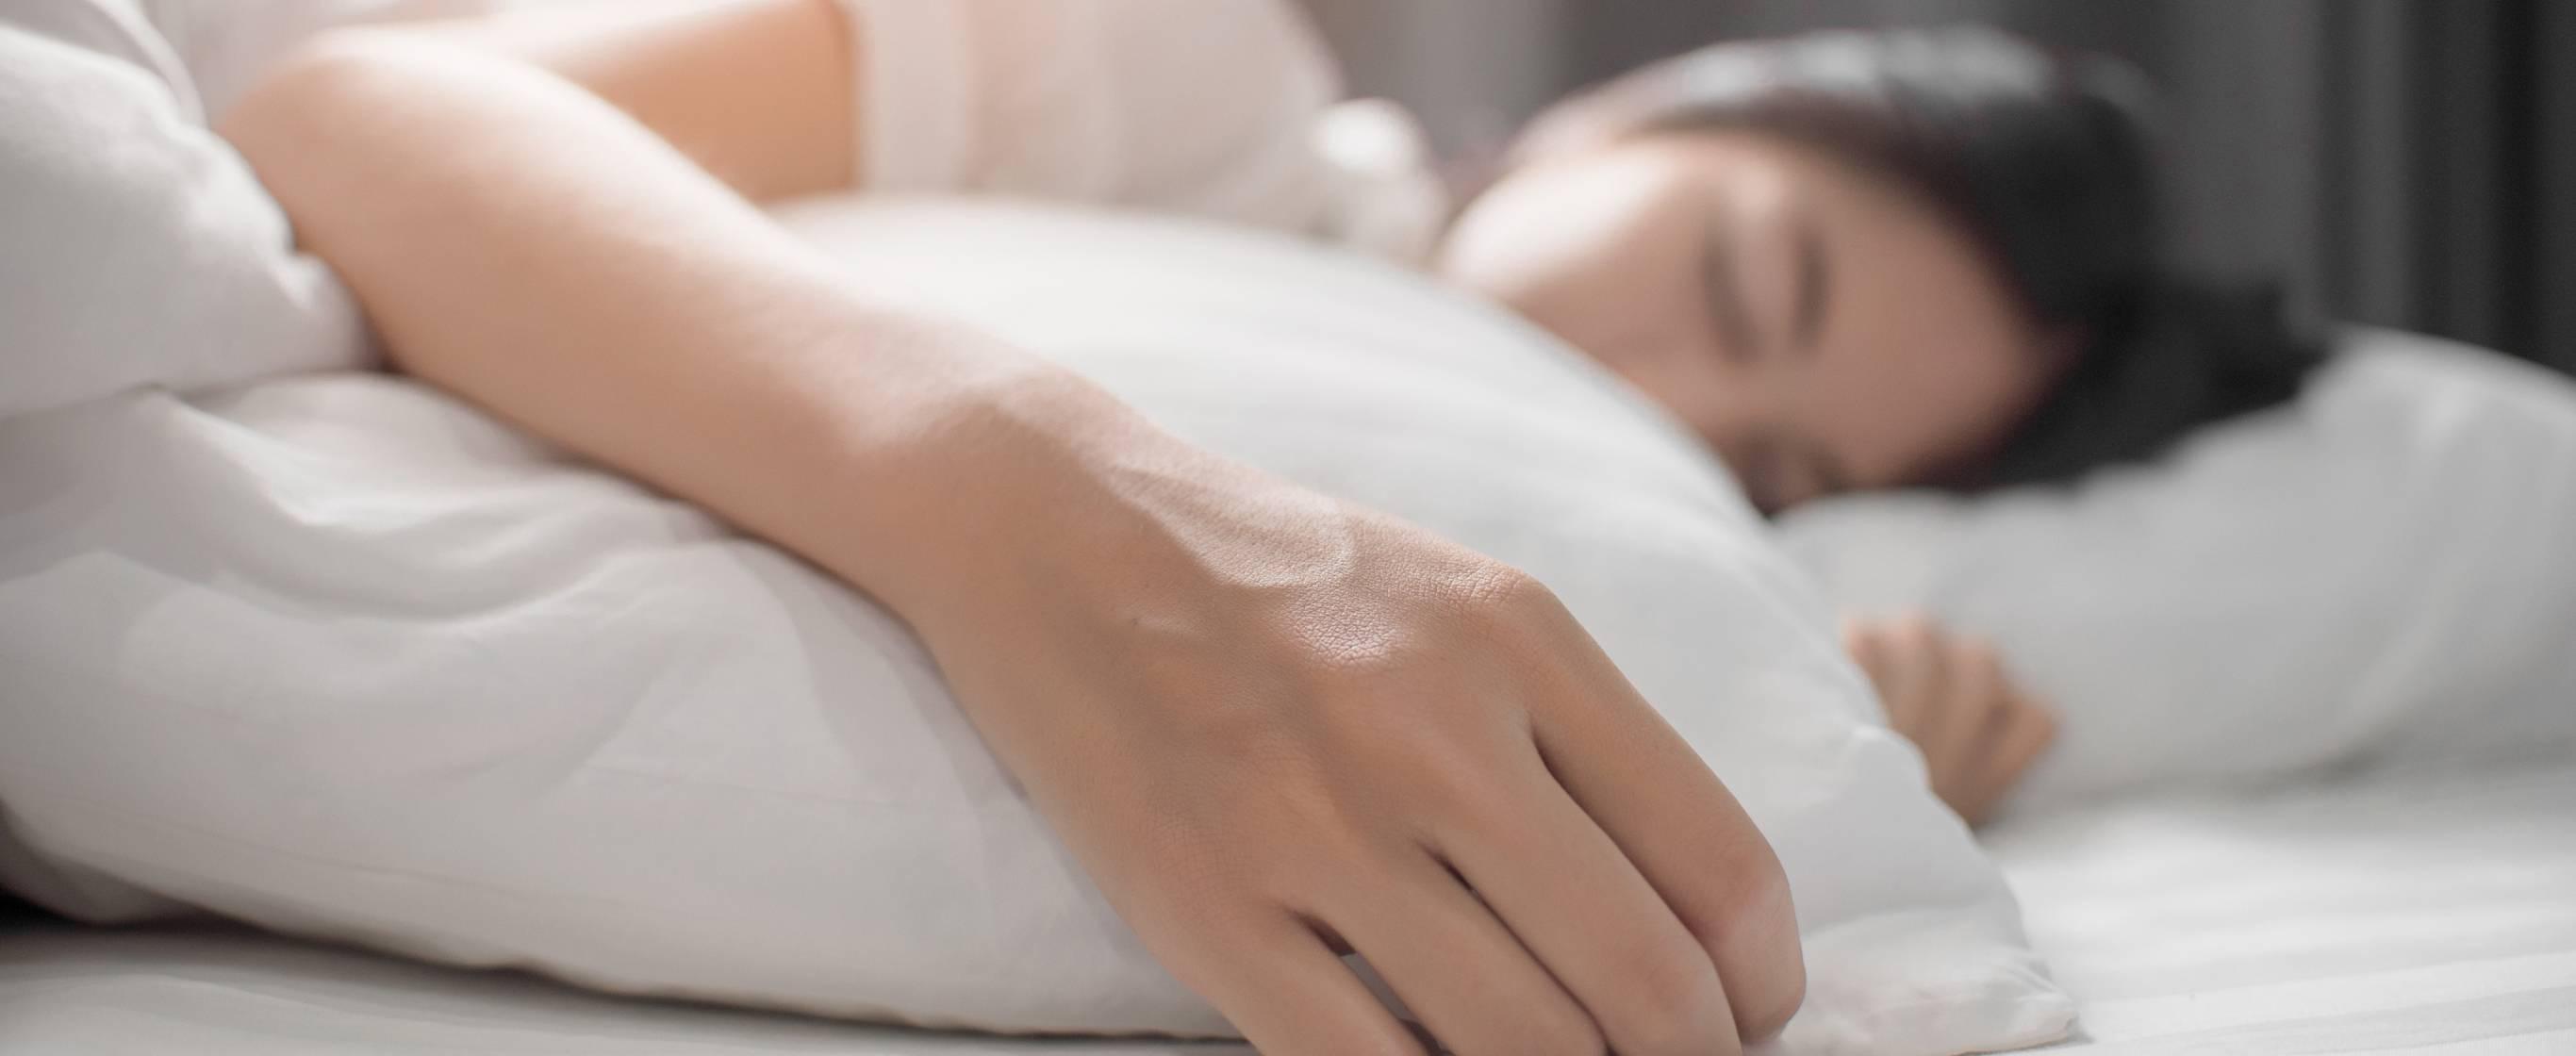 Ngủ nhiều có phải là bệnh ?